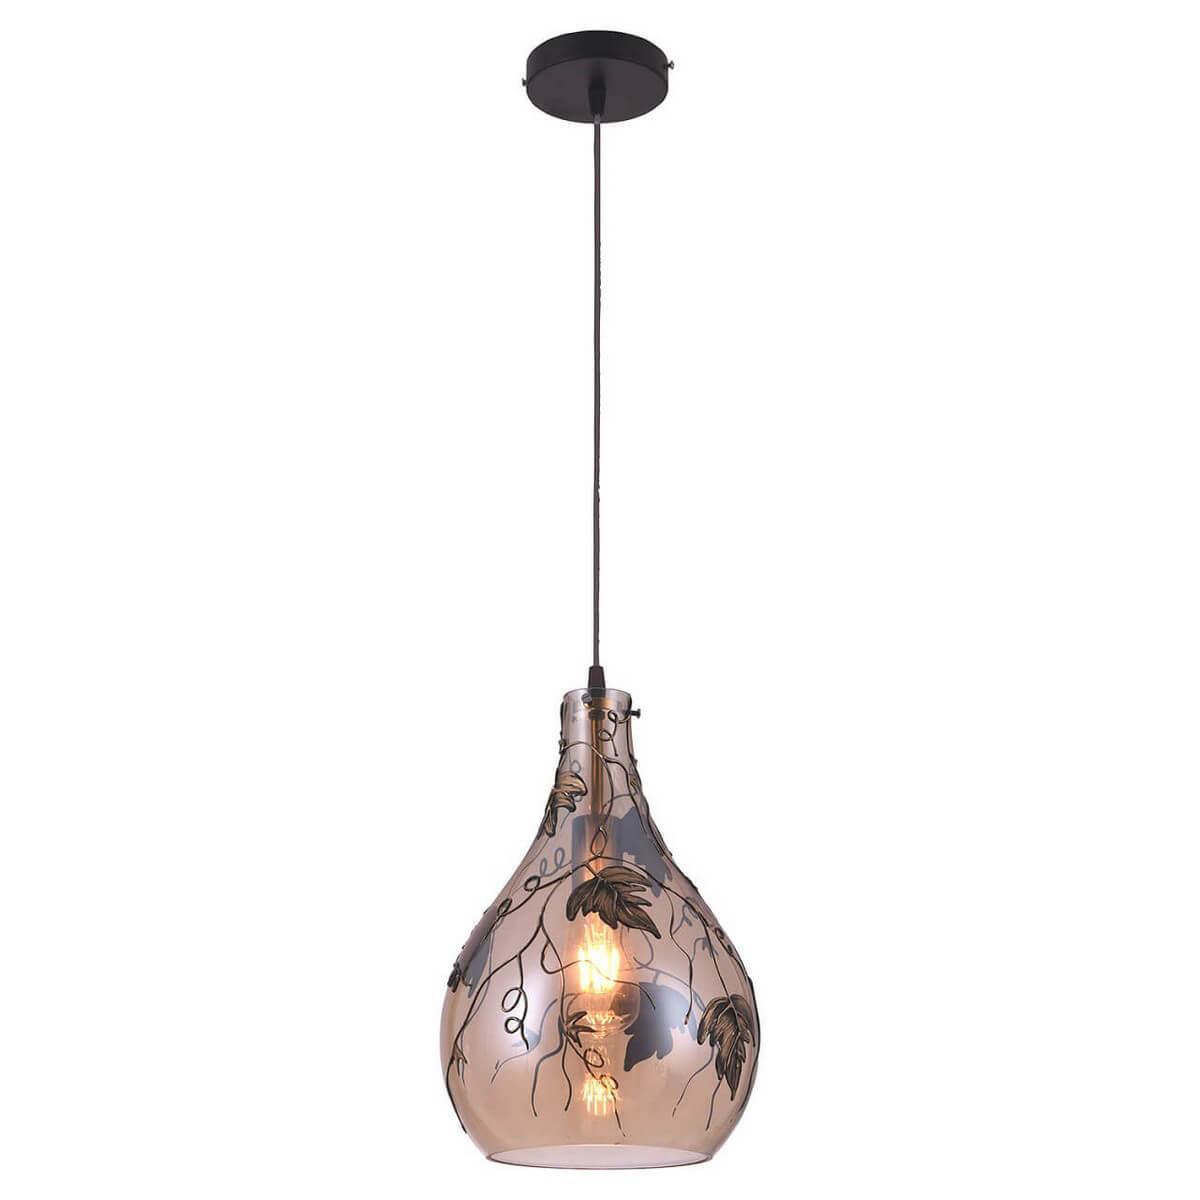 Фото - Подвесной светильник Lussole LOFT LSP-9987, E27, 60 Вт подвеcной светильник lussole loft lsp 9697